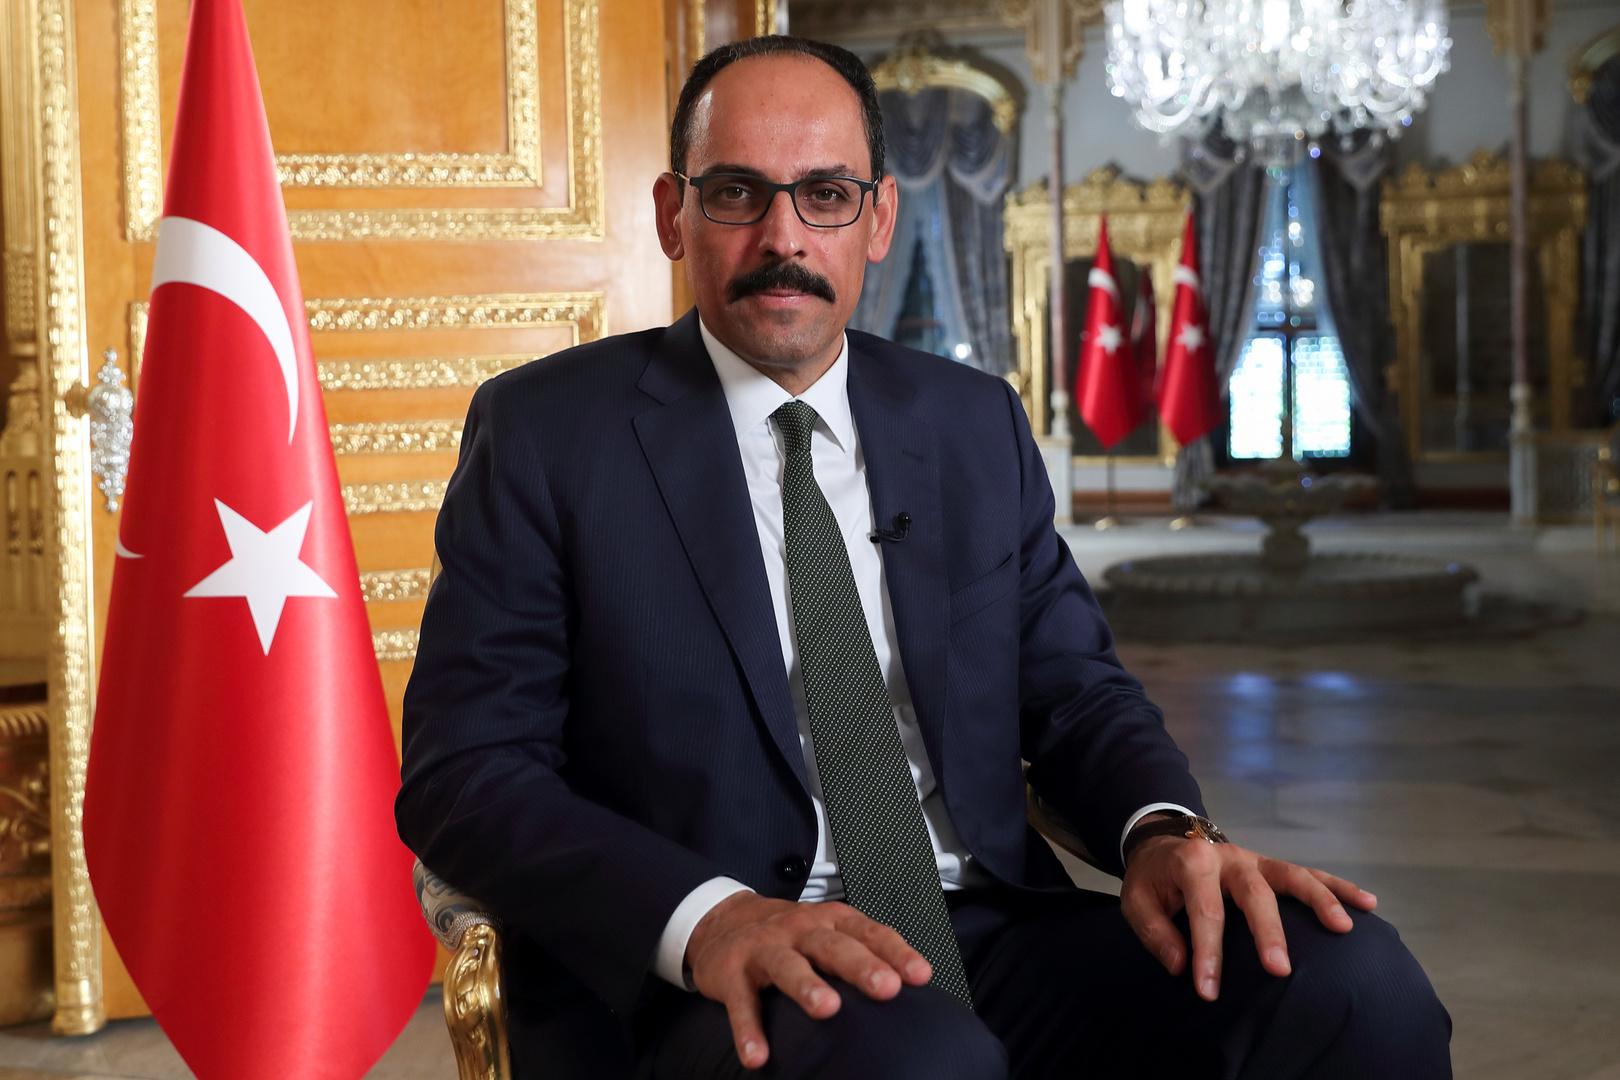 المتحدث باسم الرئاسة التركية ابراهيم قالن